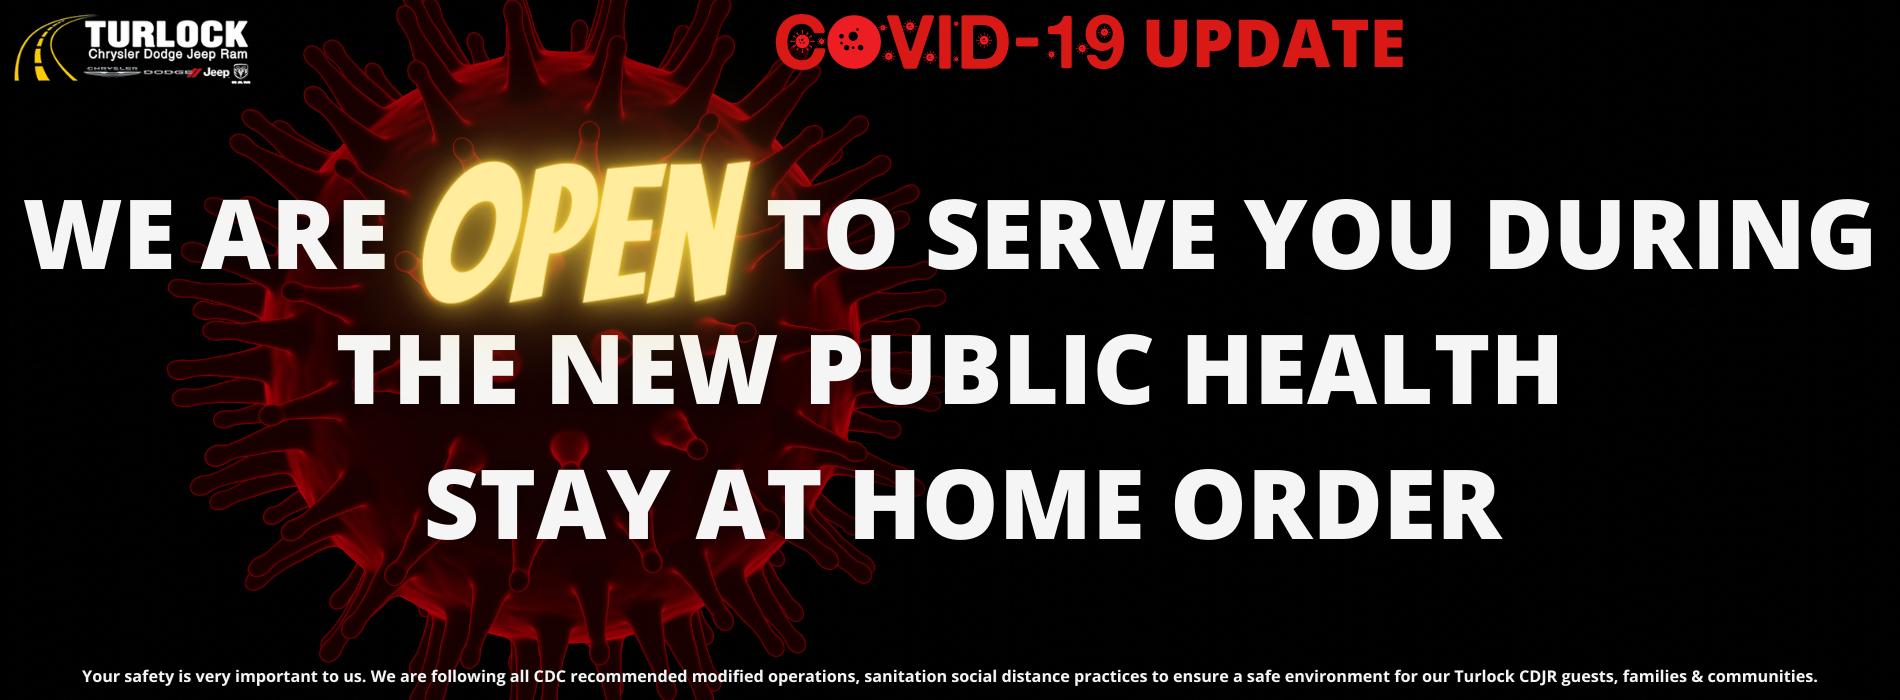 COVID-19 UPDATE20211